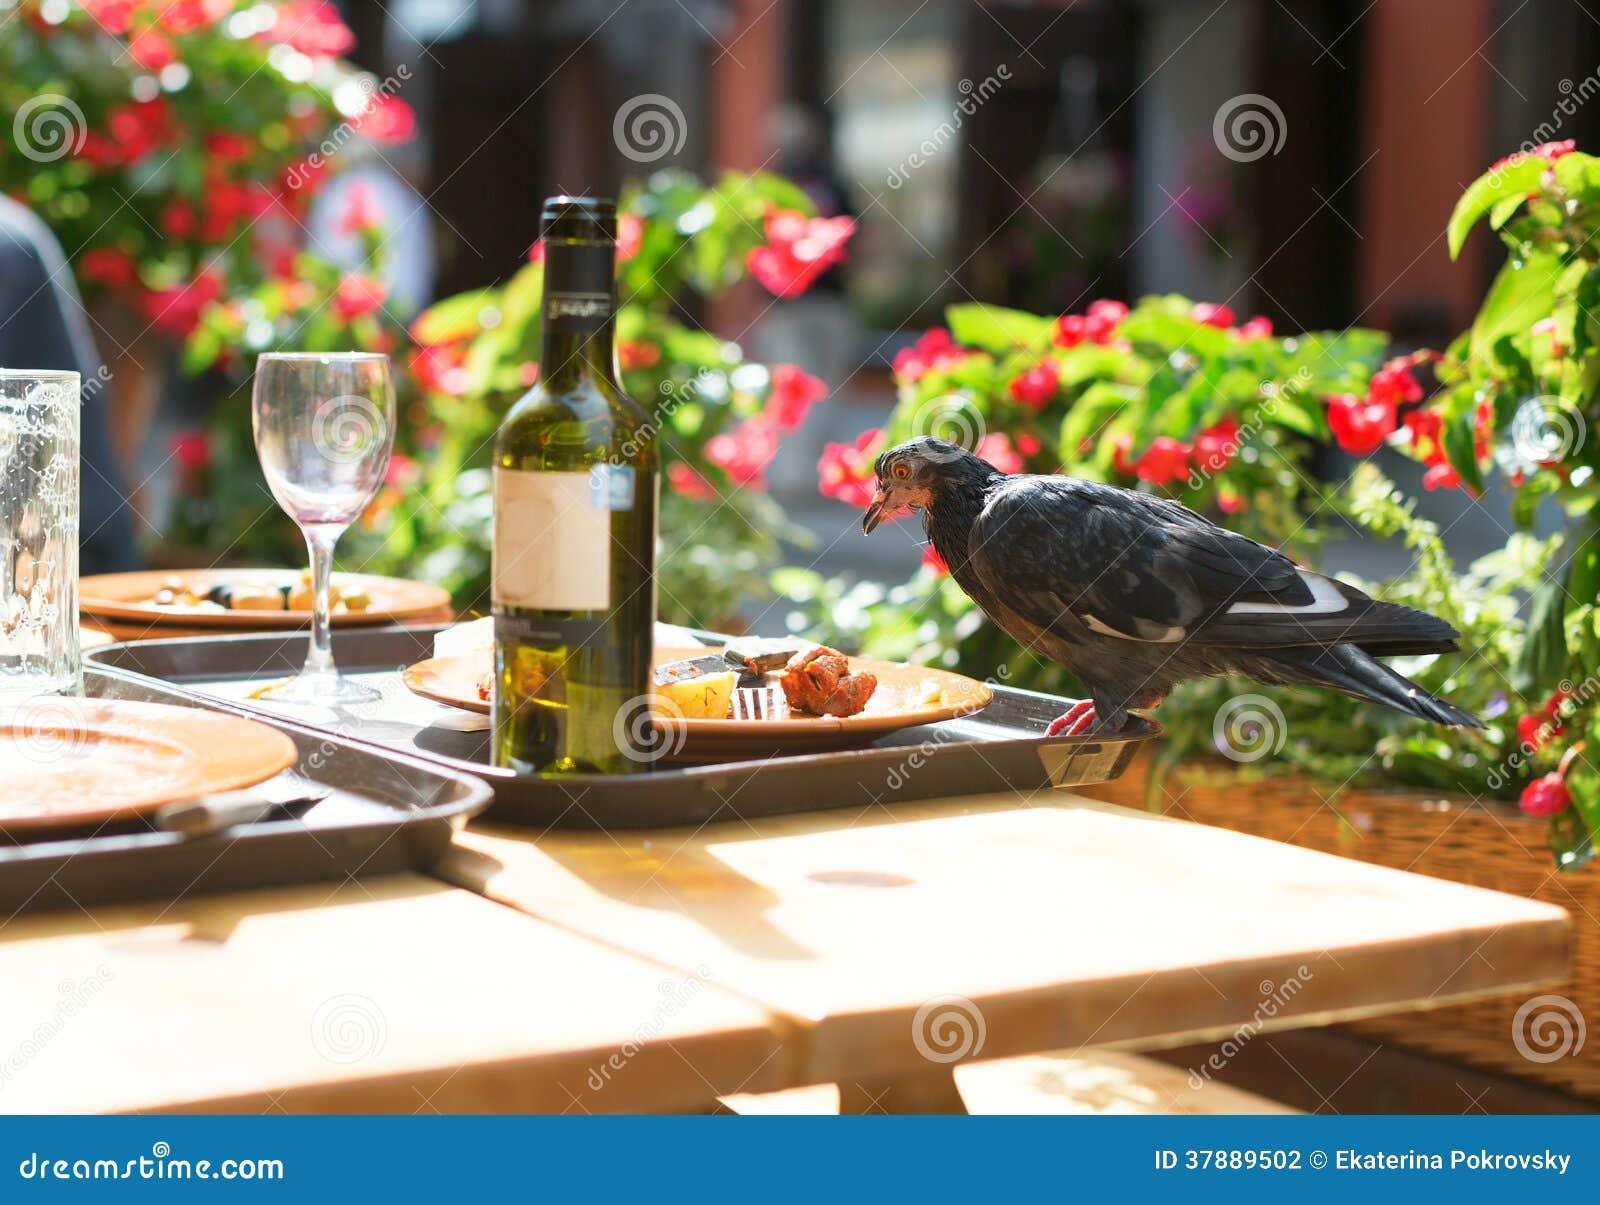 Pájaro en una tabla, comiendo sobras de las placas